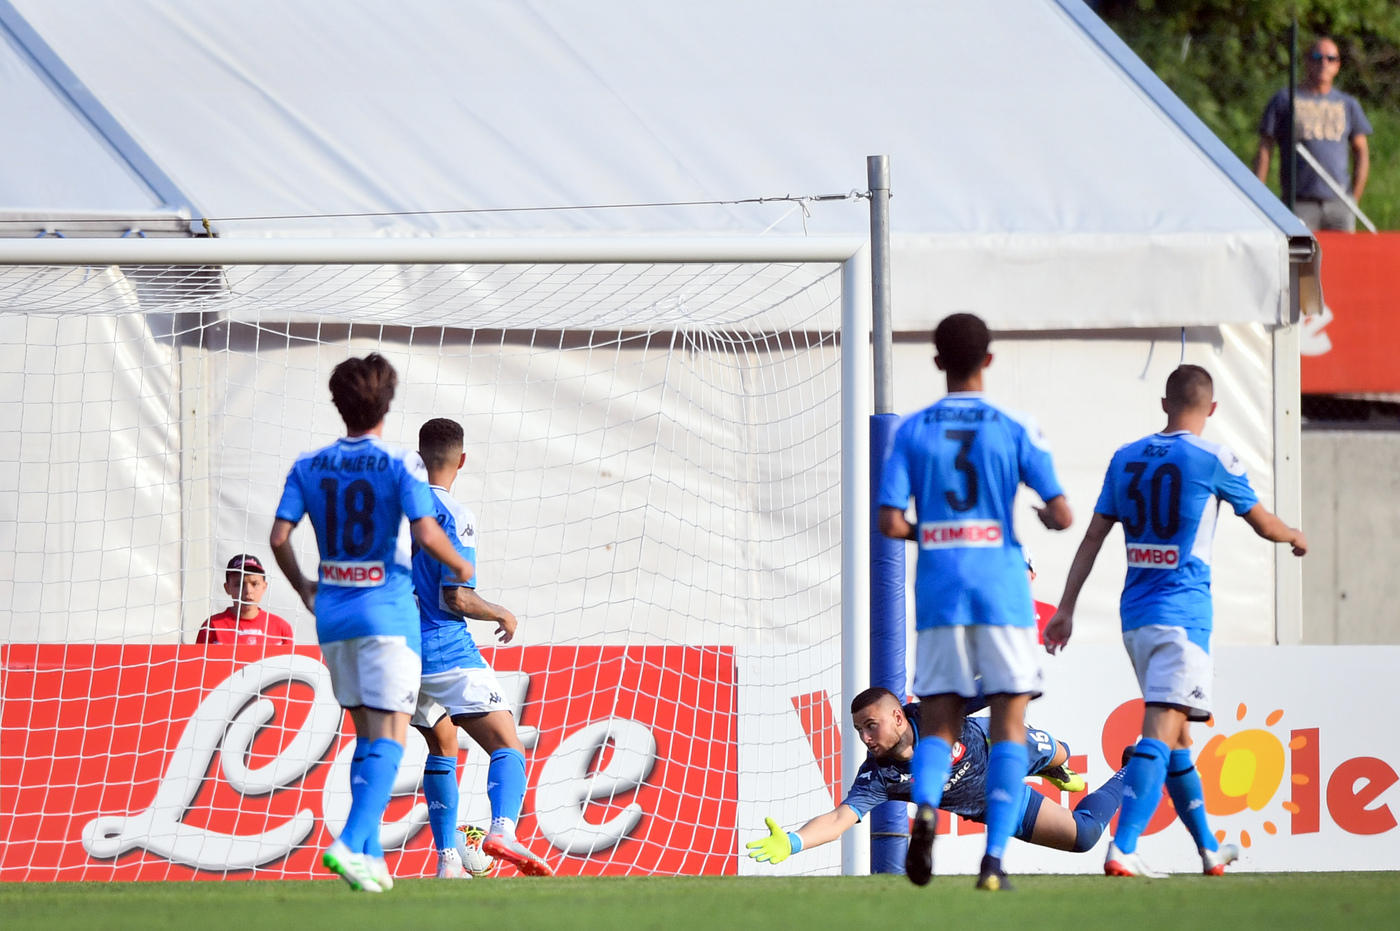 Comincia con una sconfitta la stagione delle amichevoli del Napoli: gli azzurri sono stati battuti per 2-1 dal Benevento.